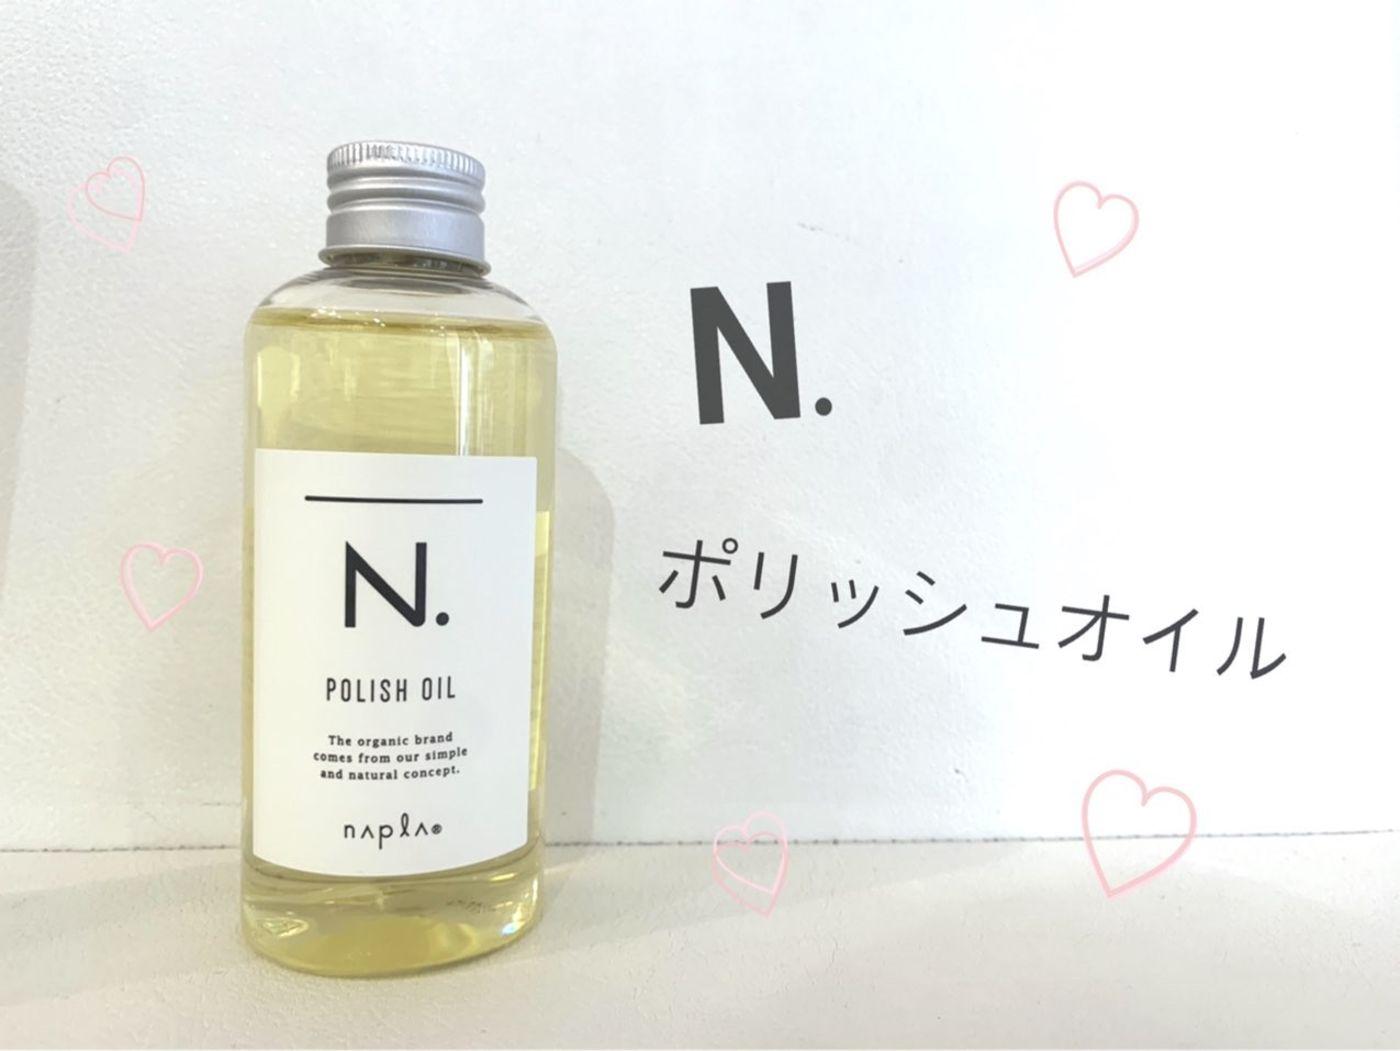 『N.』ポリッシュオイル